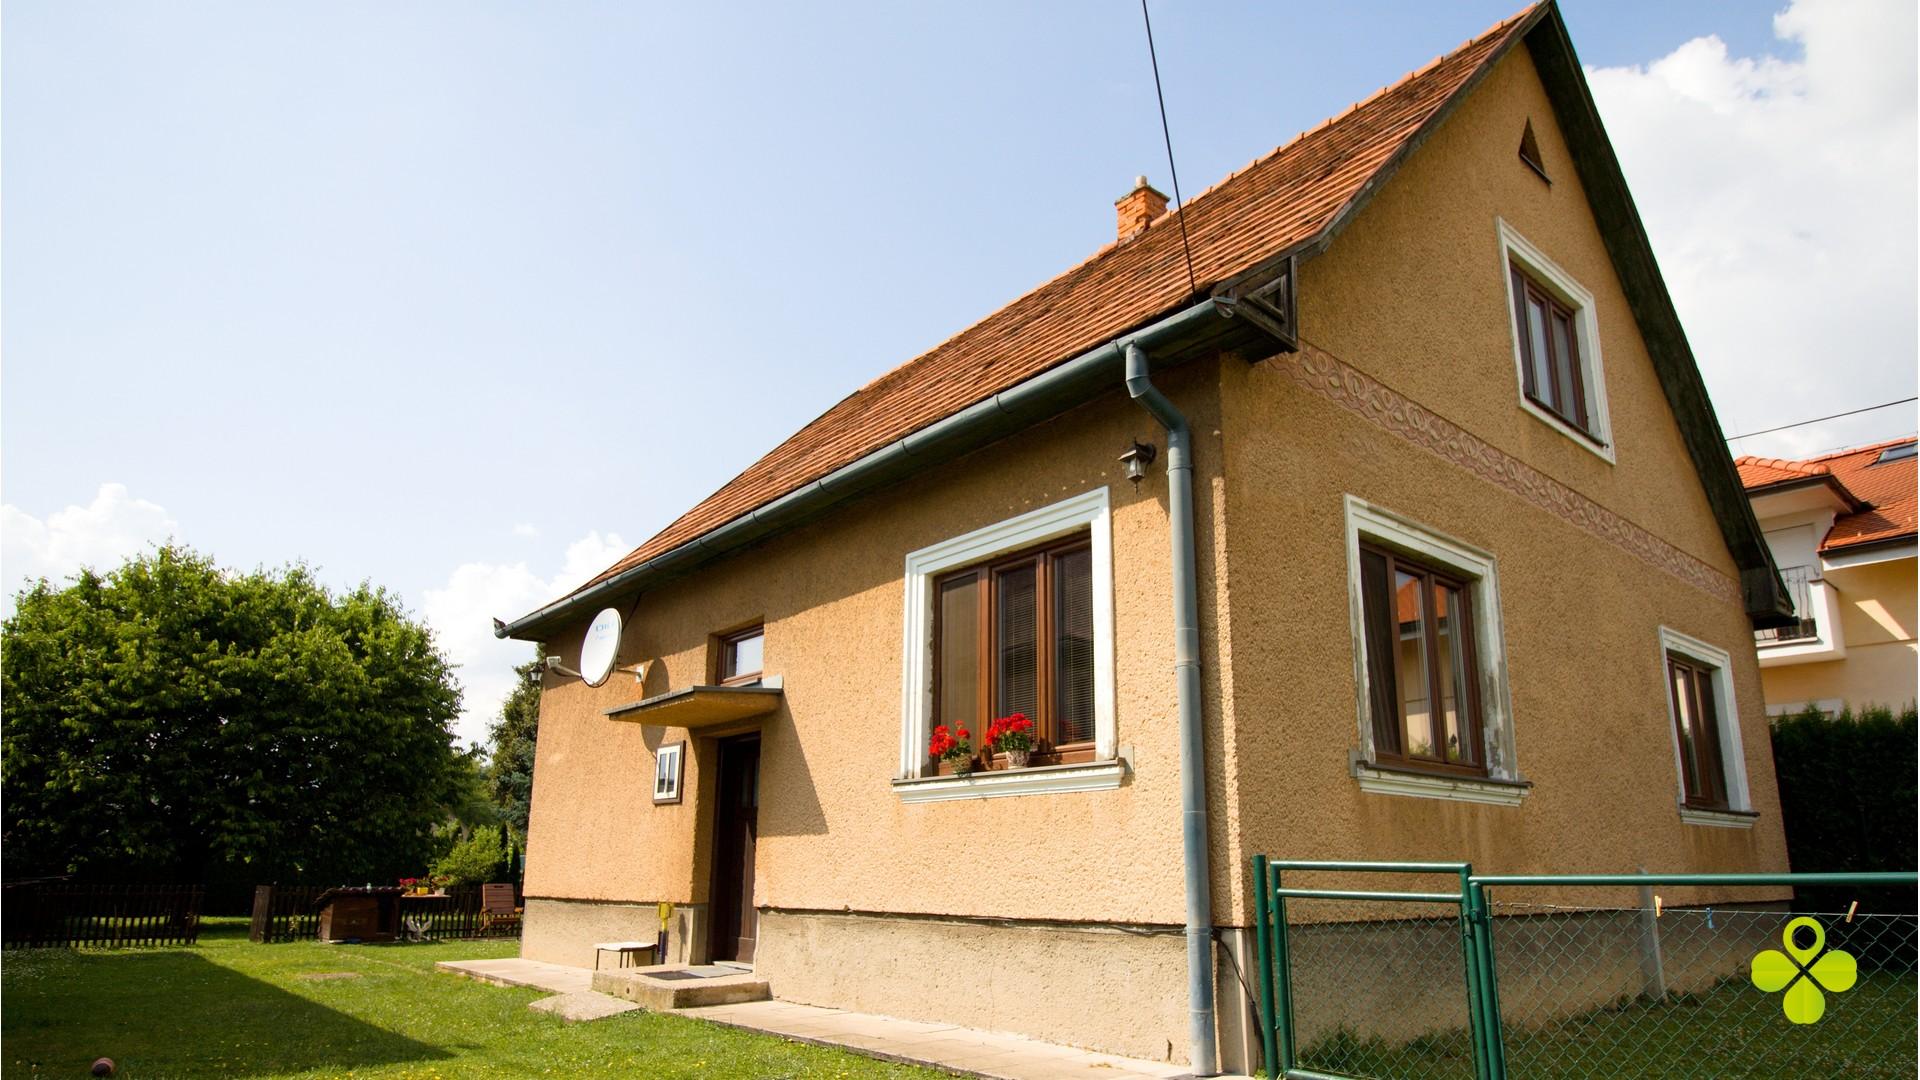 Predané – Rodinný dom Prievidza ul. Malonecpalská